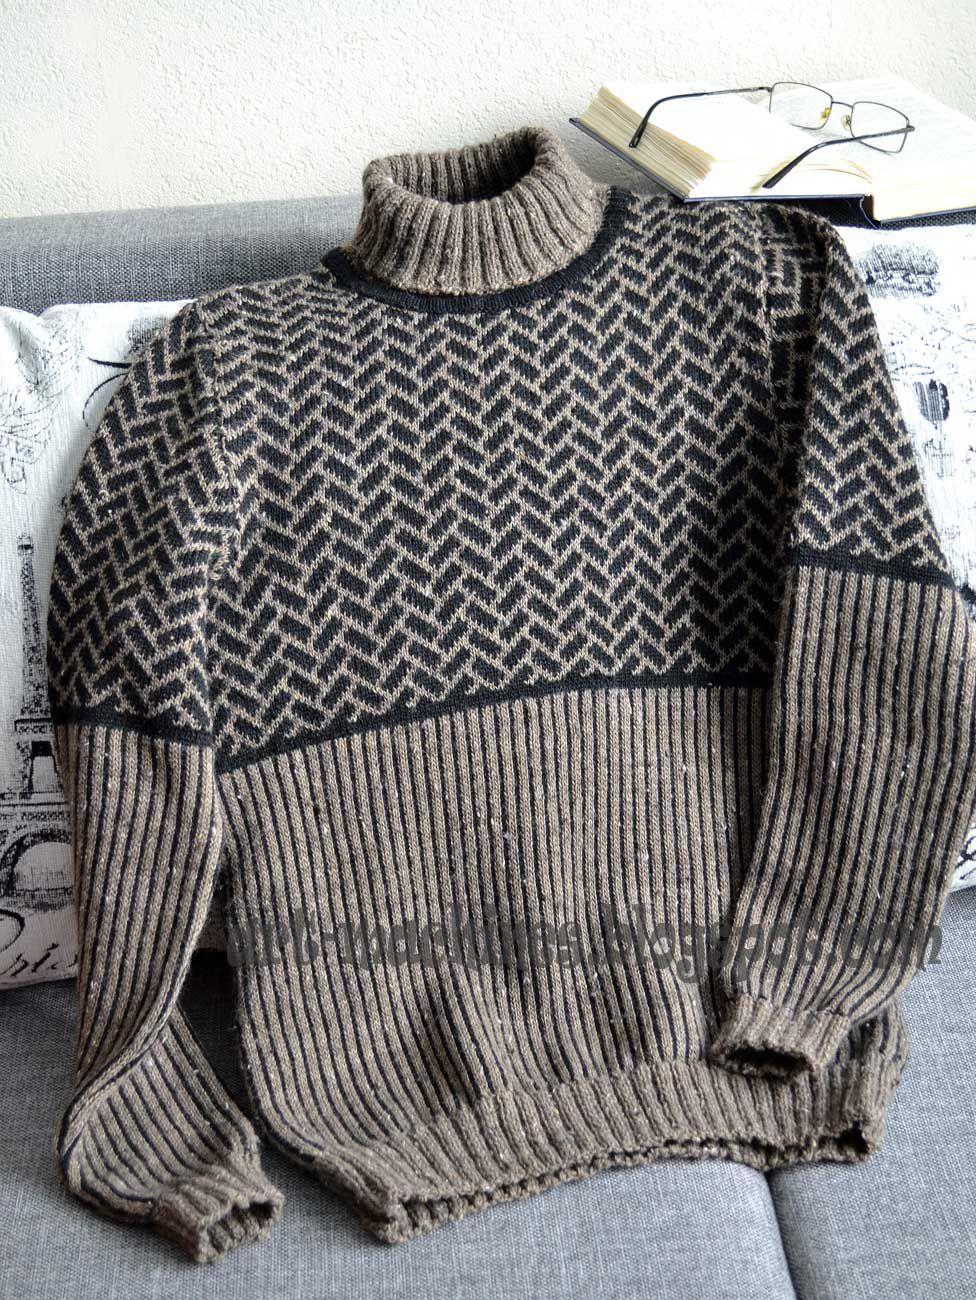 мужские свитера на вязальной машине записи в рубрике мужские